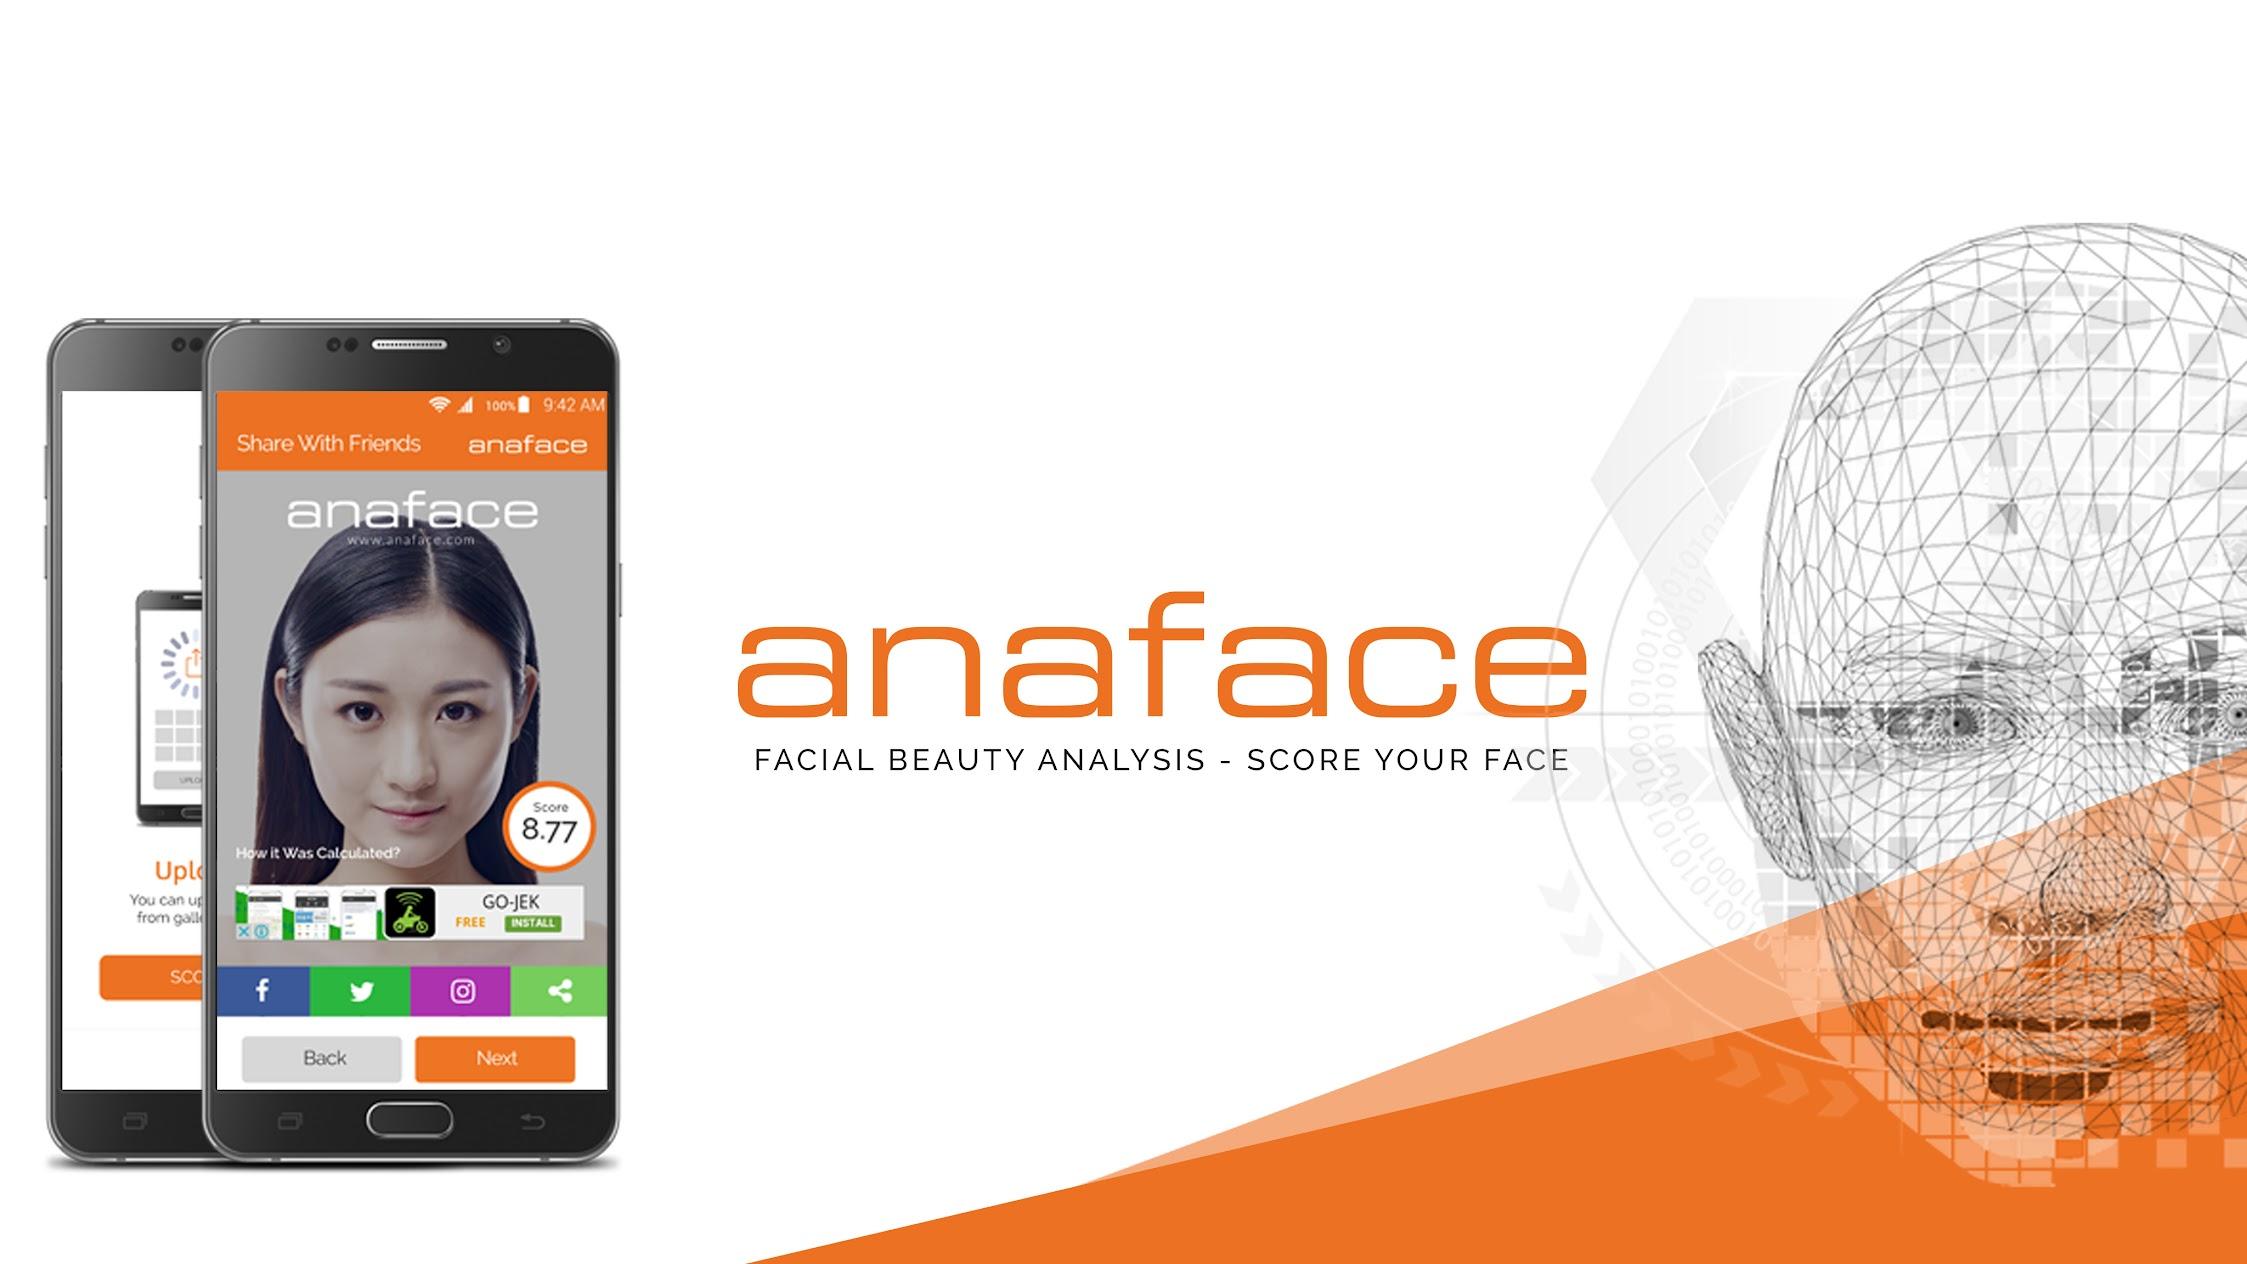 Anaface.com